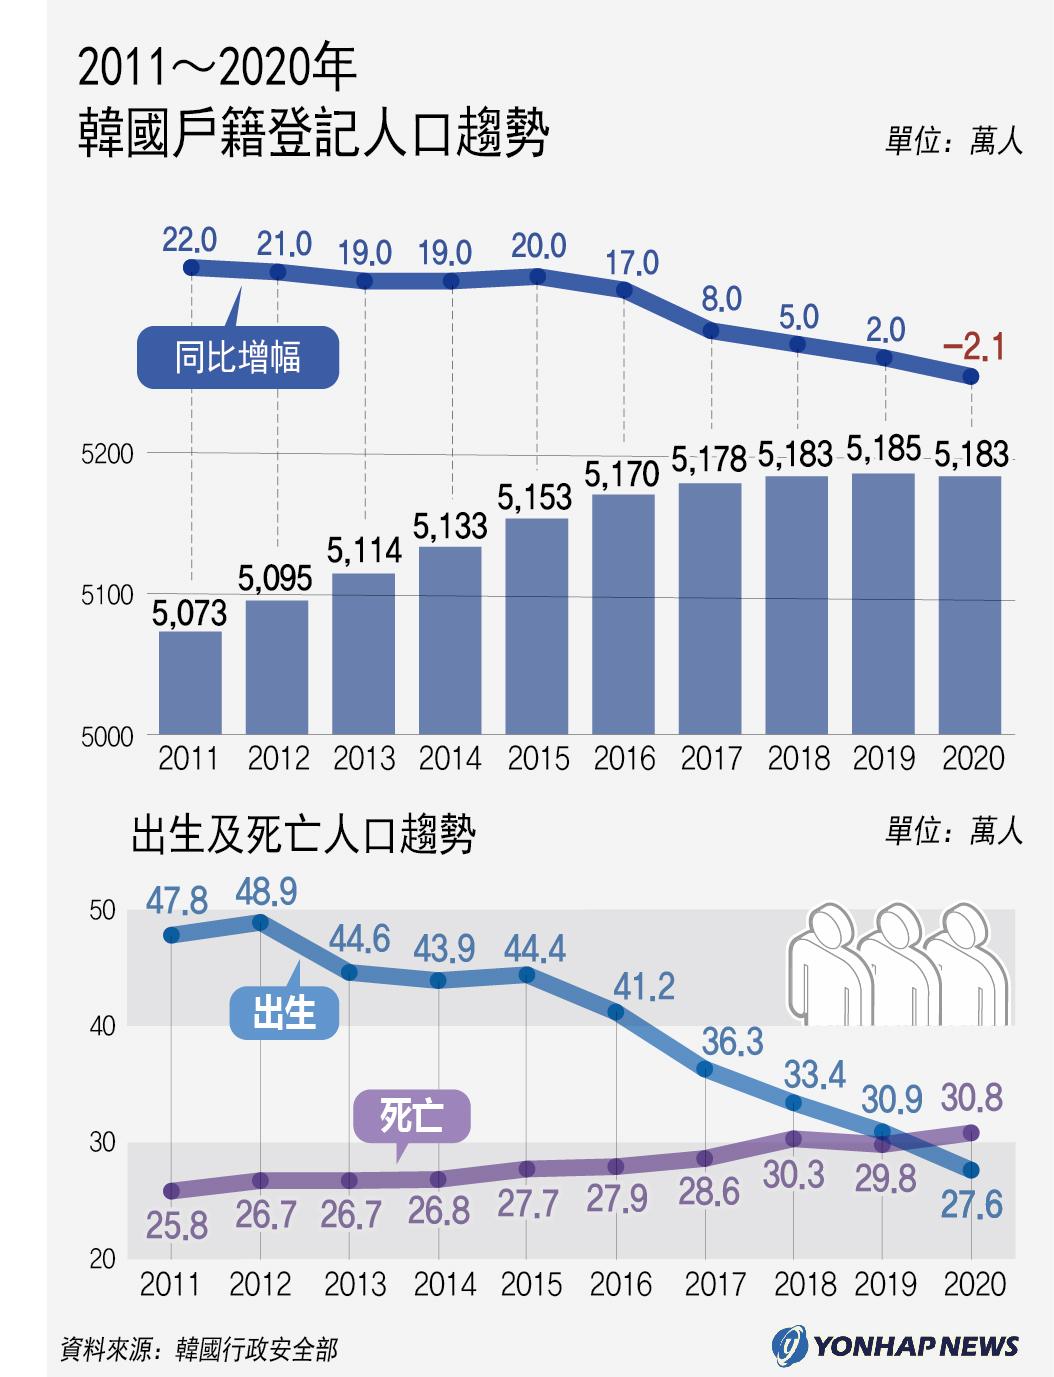 2011~2020年南韓戶籍登記人口趨勢